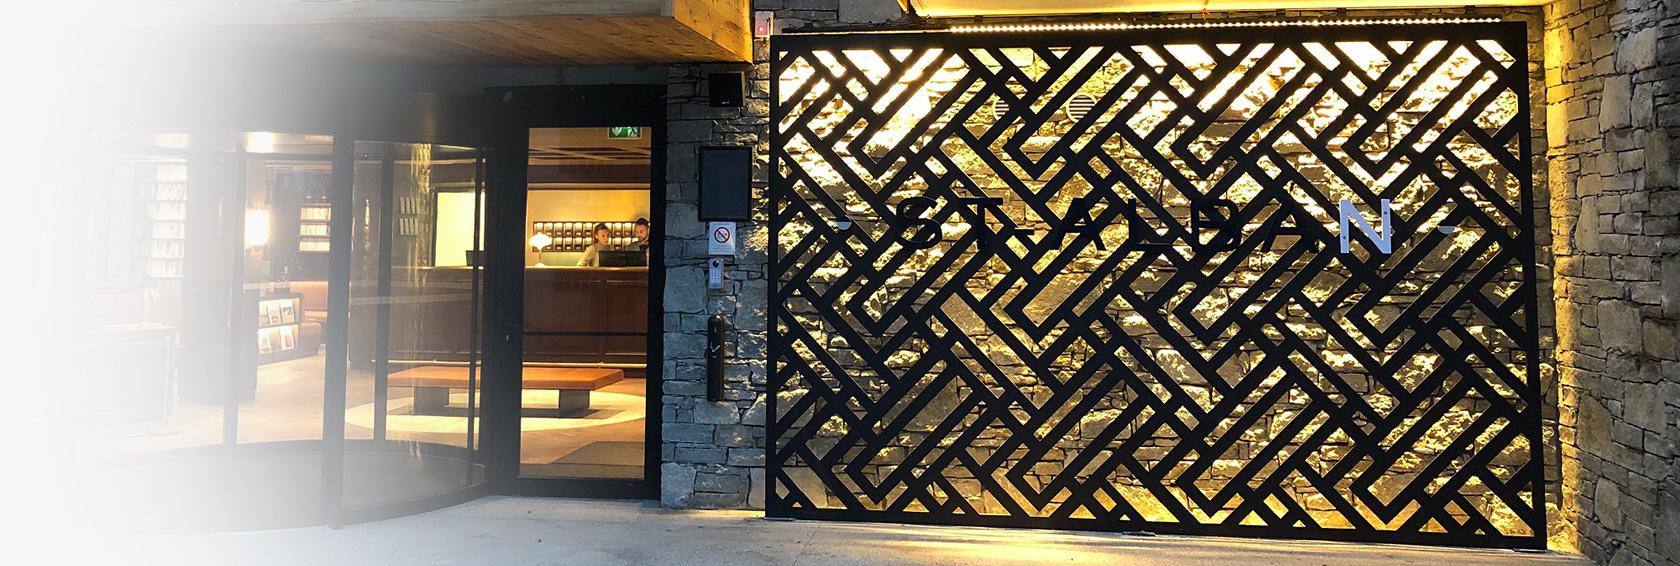 Cometho metallerie thones for Porte de garage sectionnelle avec serrurerie metallerie